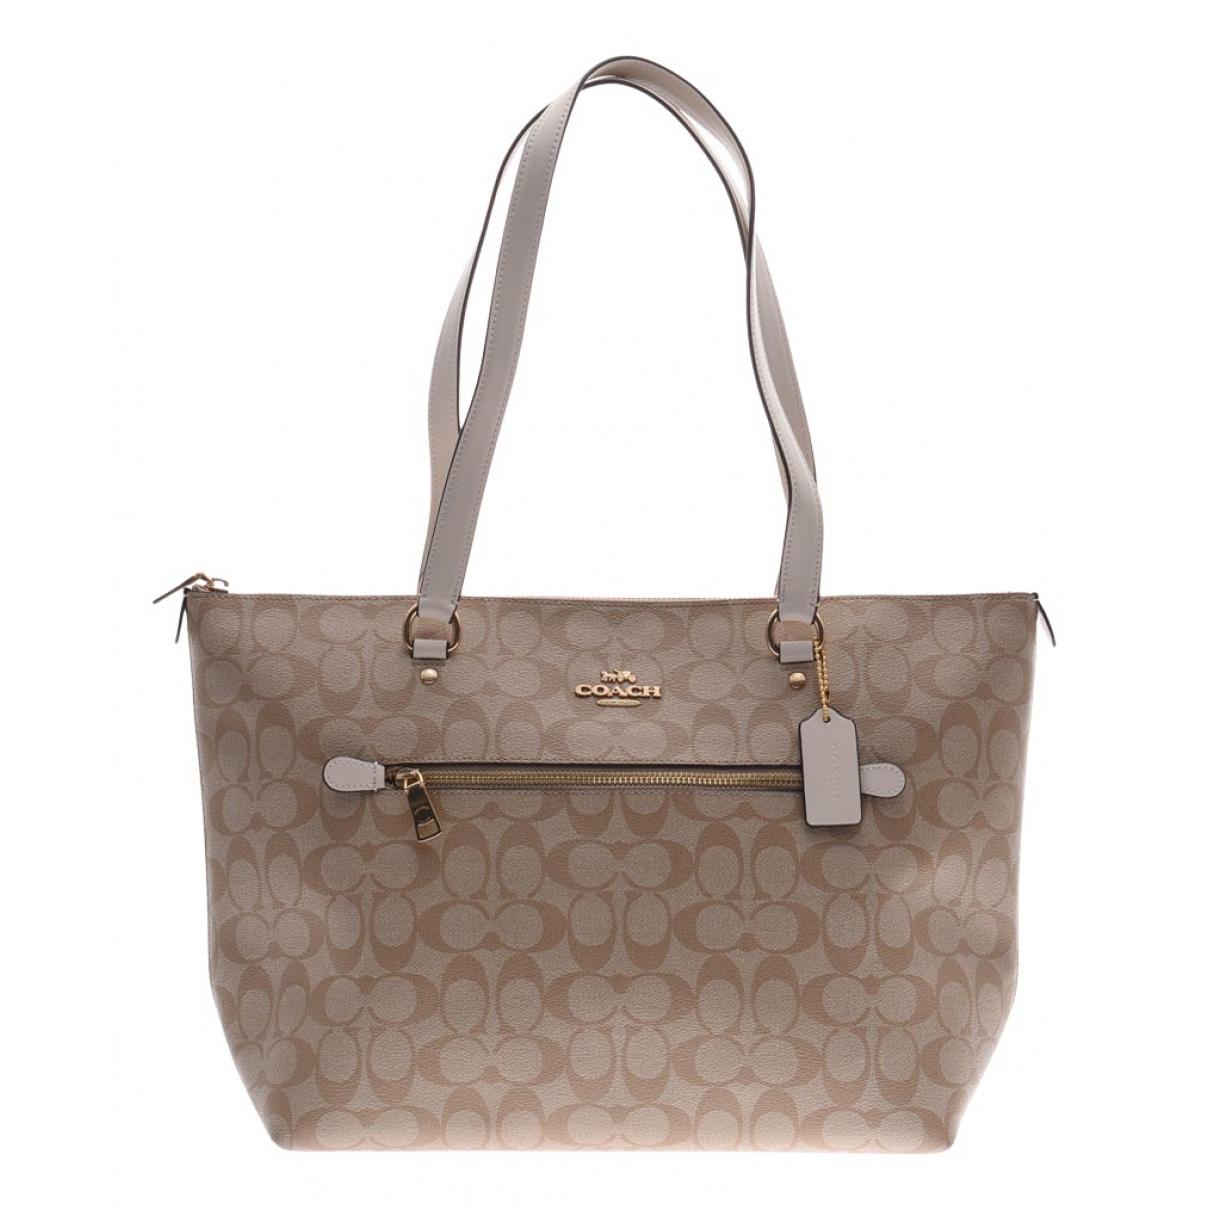 Coach N Beige Cloth handbag for Women N